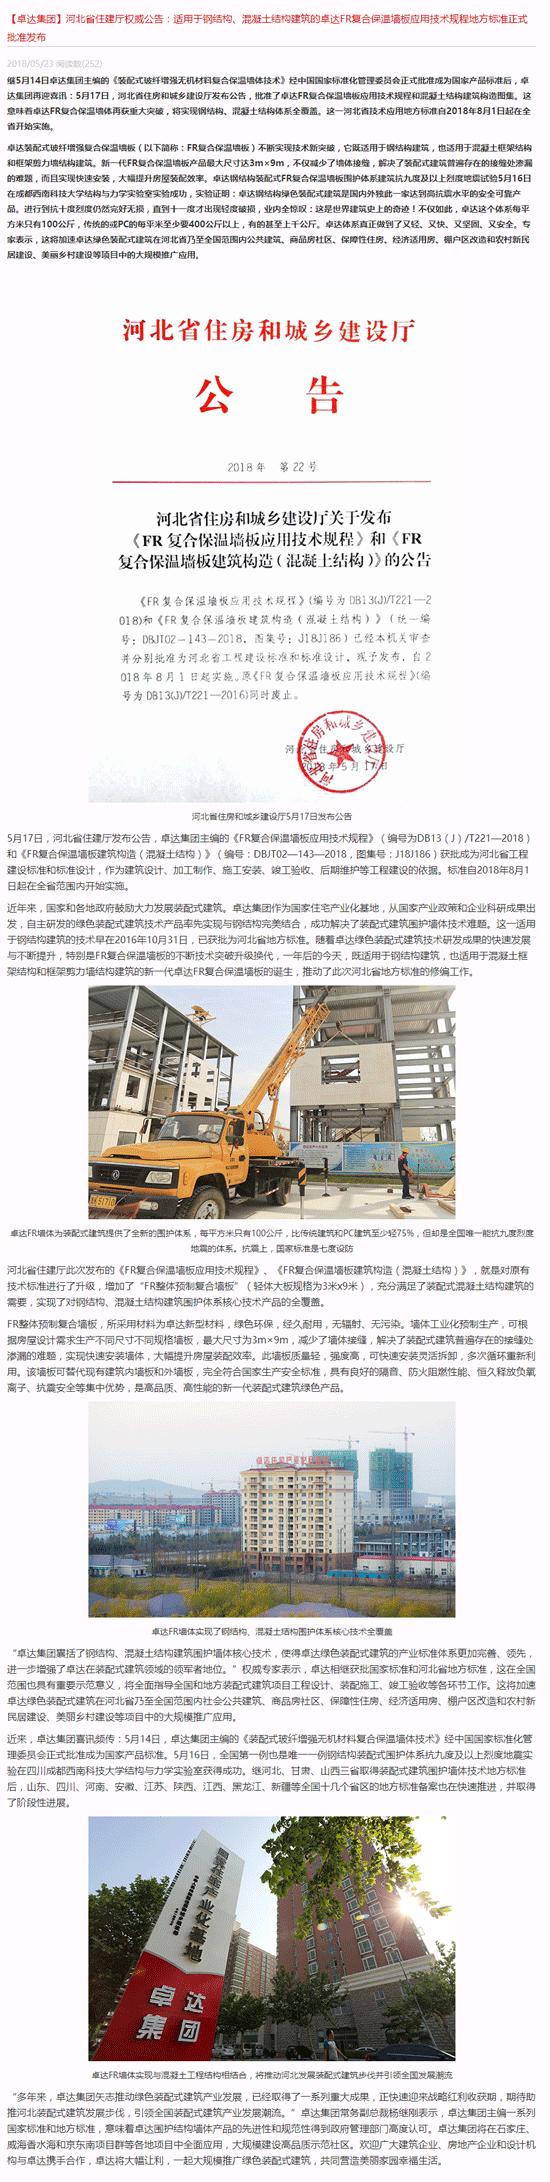 企业文库:卓达集团FR复合保温墙板应用技术规程地方.png